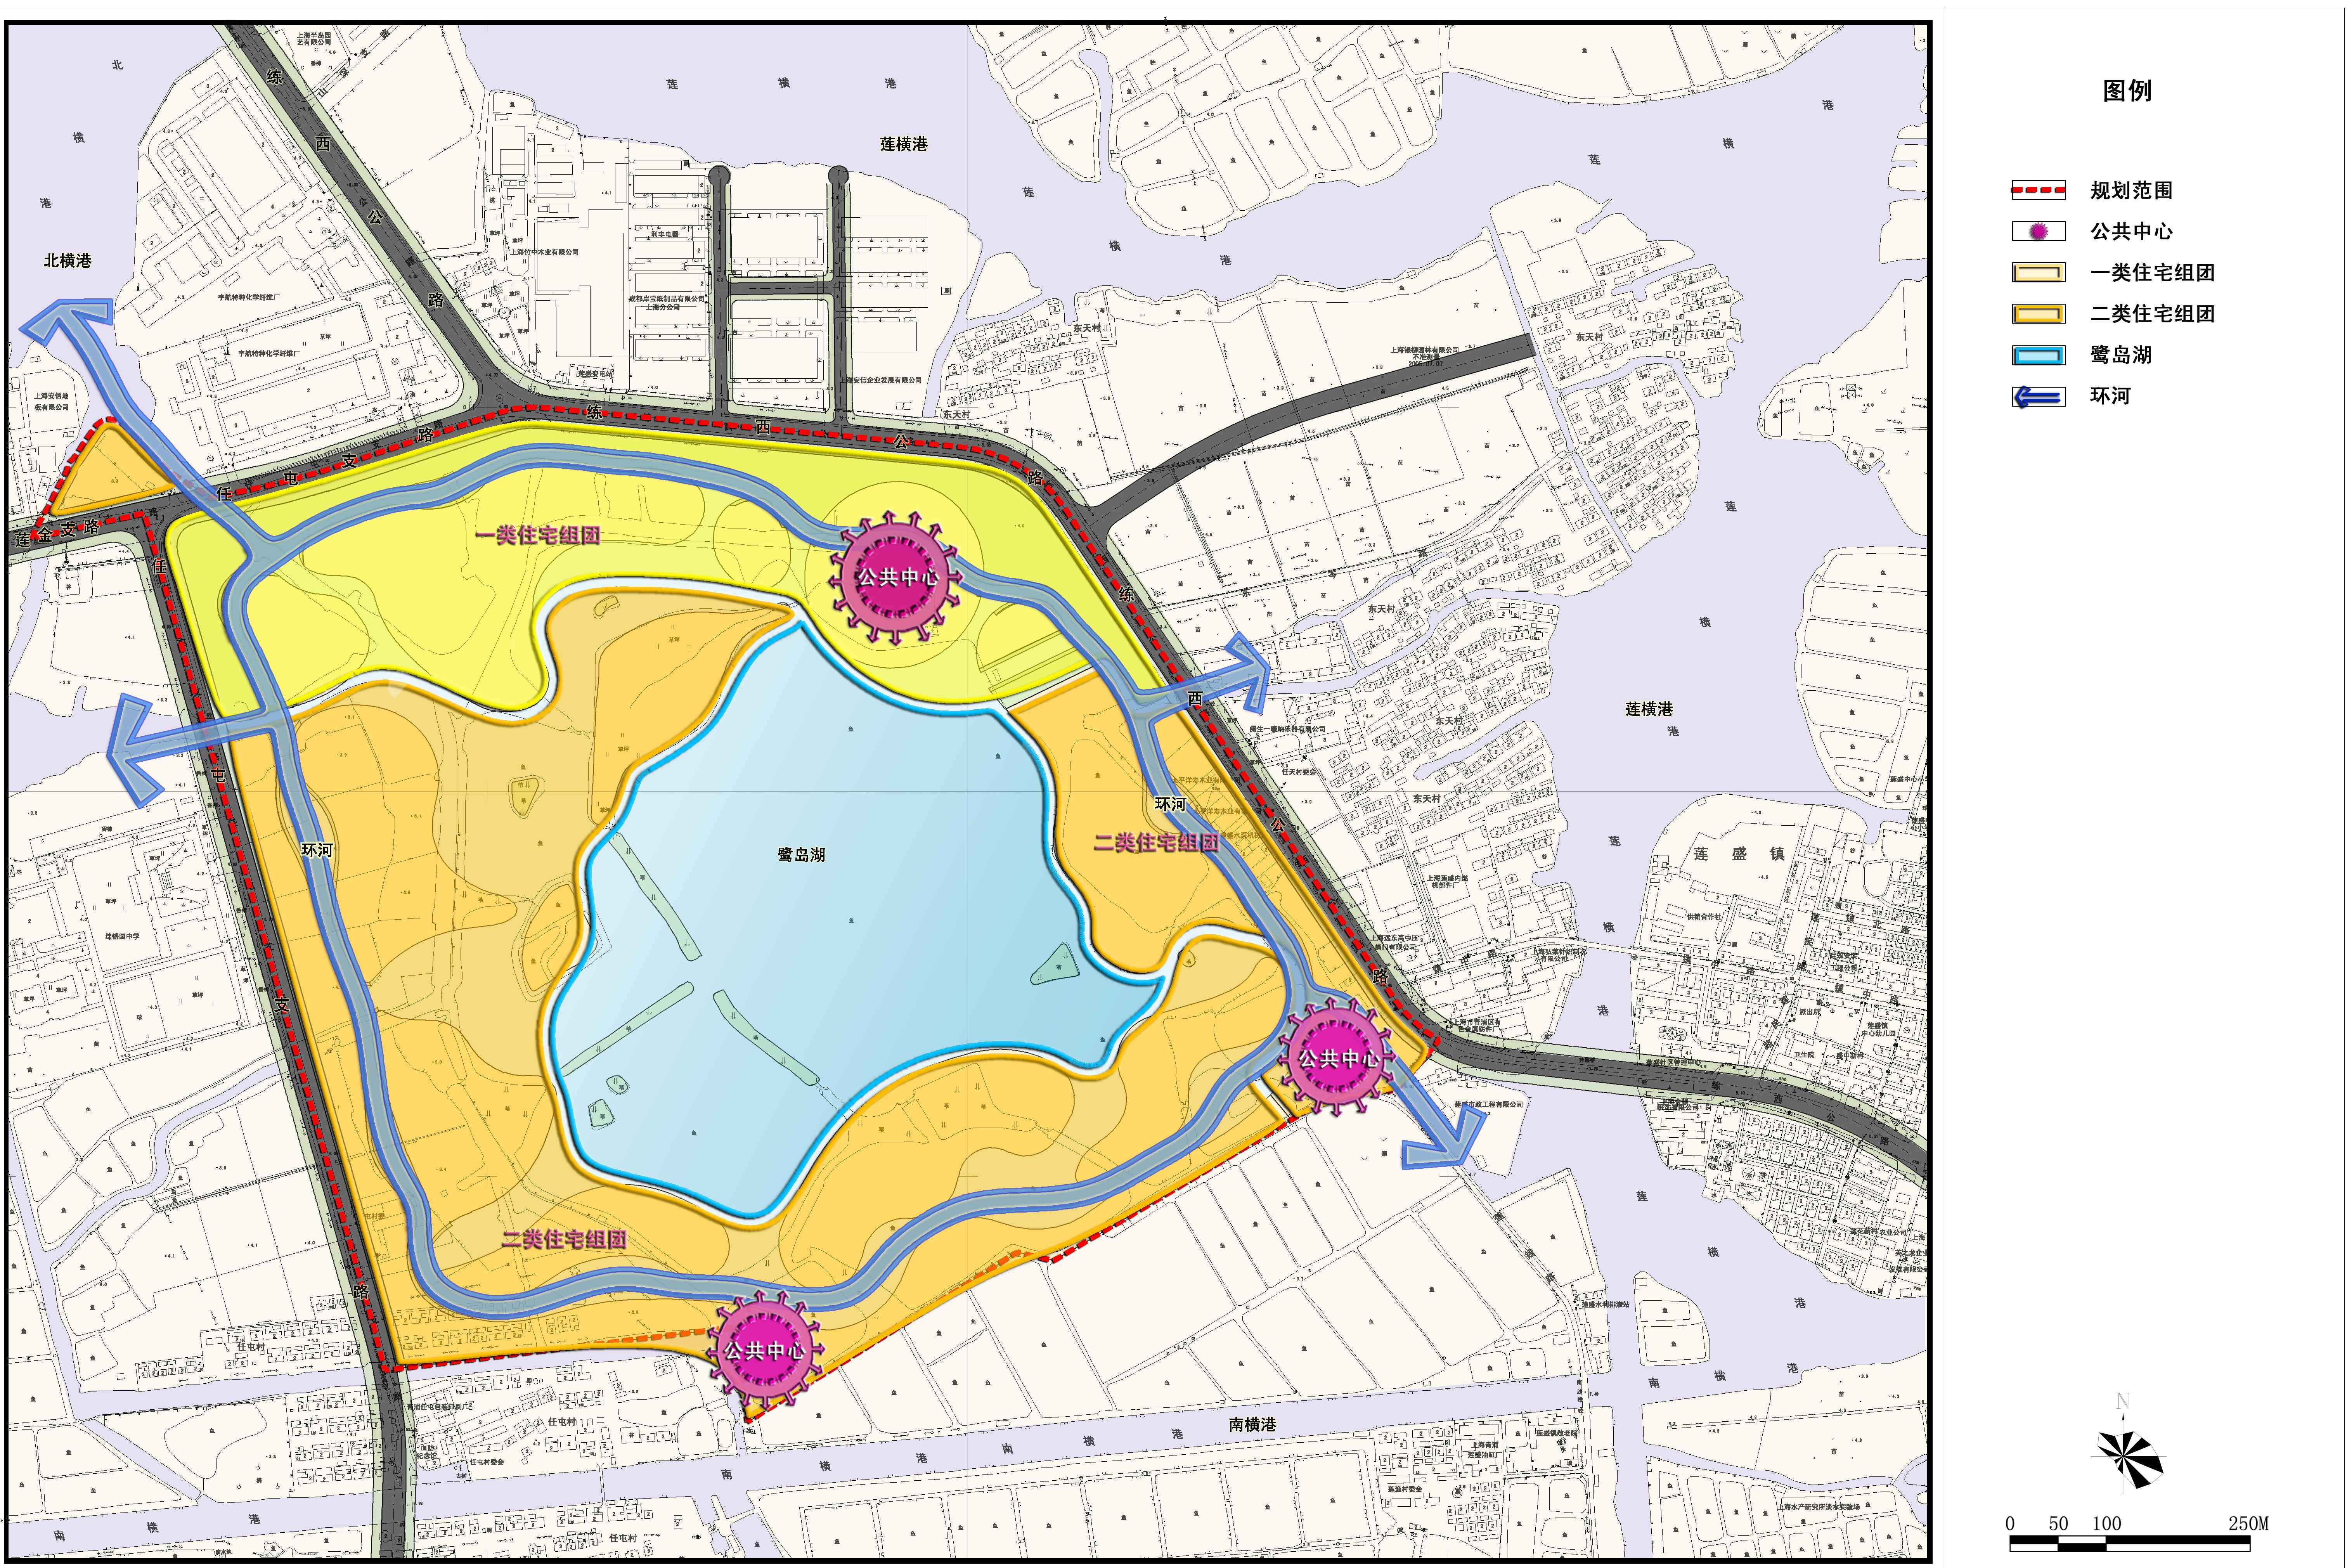 """规划背景: 2009年,青浦区金泽镇作为上海市10个小城镇发展改革试点之一,与现代化国际大都市发展要求相适应的郊区示范城镇。 规划充分利用金泽镇现有良好生态环境景观资源和公共服务设施基础,把握小城镇发展改革和试点机遇,致力于提升地区居住和环境品质,打造服务于金泽镇乃至青西地区的高品质滨水生态居住区。 规划特色: 突出地域自然生态环境的布局结构 为落实和实现规划目标和理念,结合周边建设现状、基地现状和规划情况,形成""""一河一湖、河湖相连,三心多岛、生态岛居""""的布局结构。 塑造江南水乡风"""